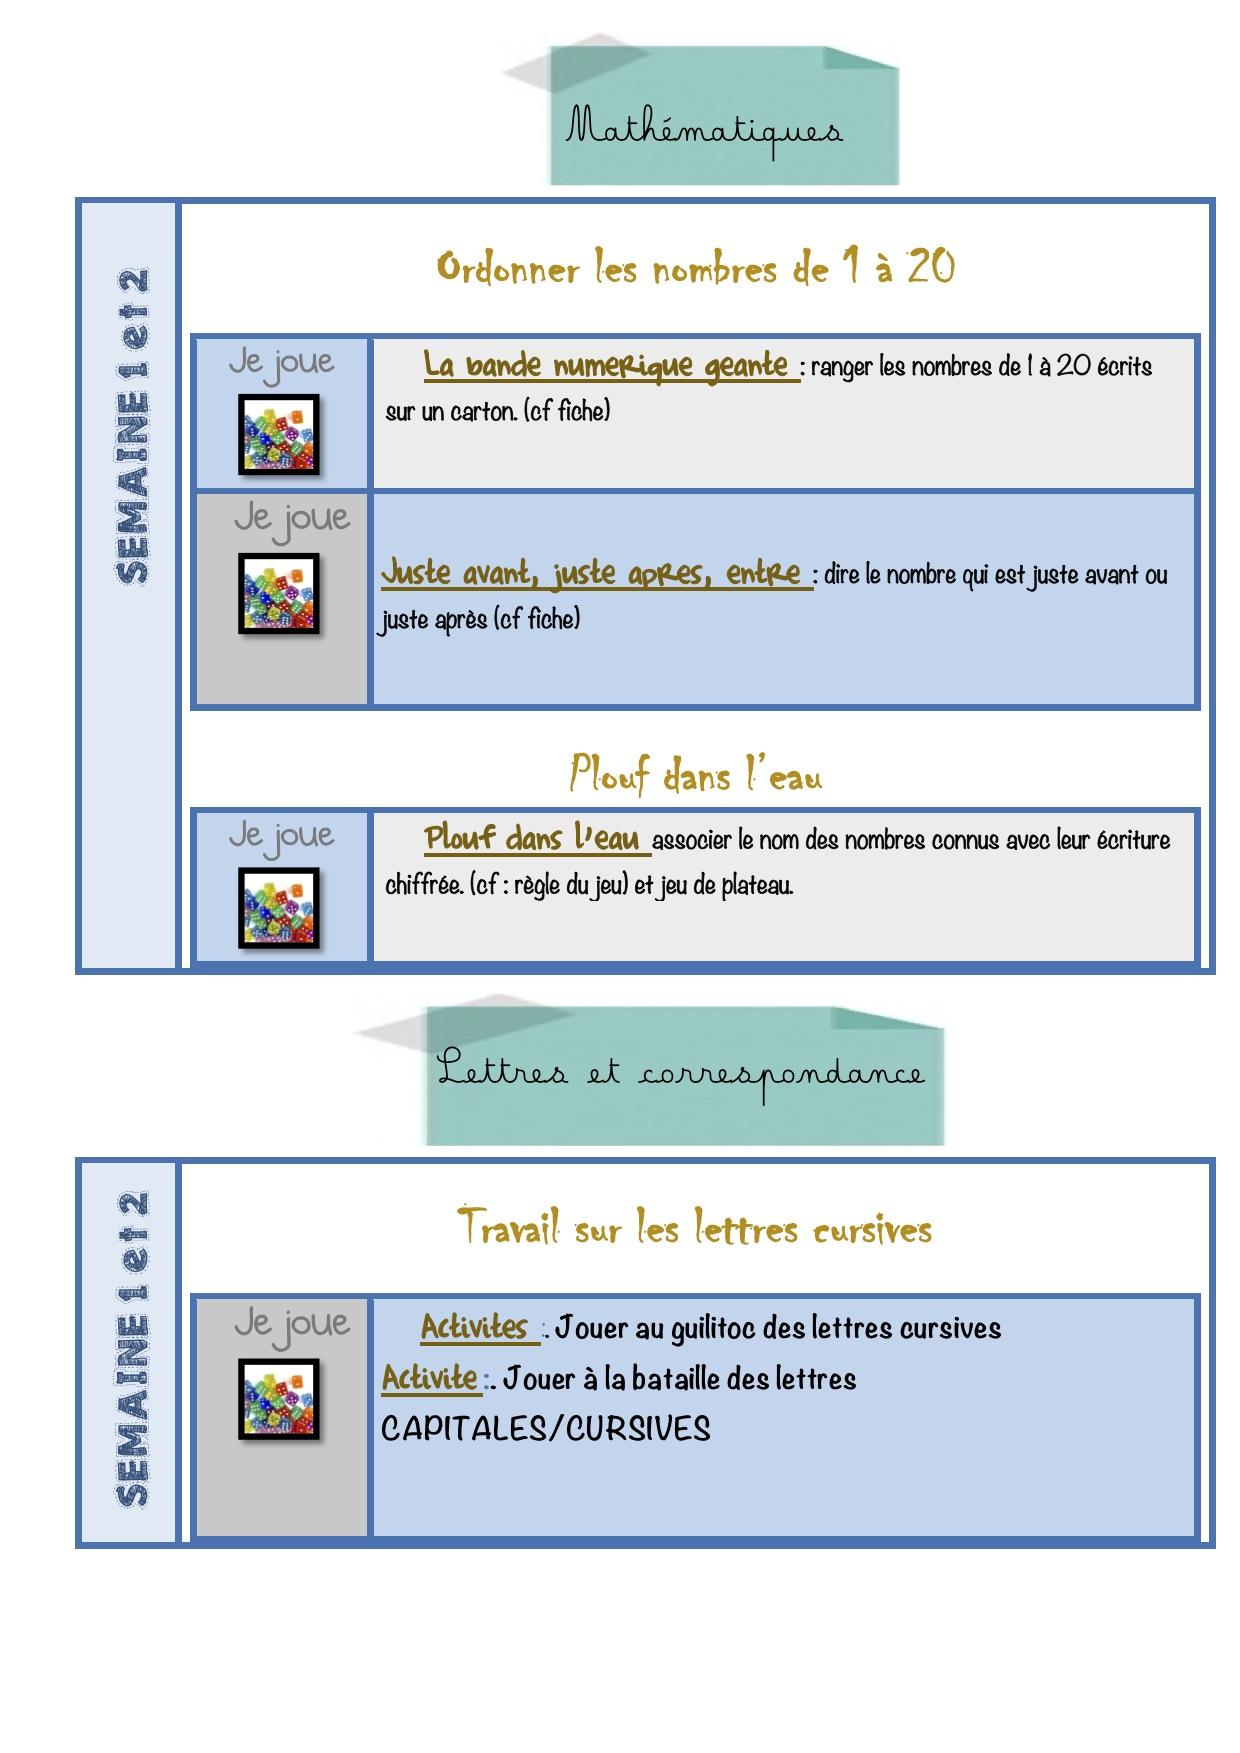 Continuité Pédagogique Gs Semaine 1 Et 2 - La Classe De Luccia ! encequiconcerne Jeux Pedagogique Maternelle